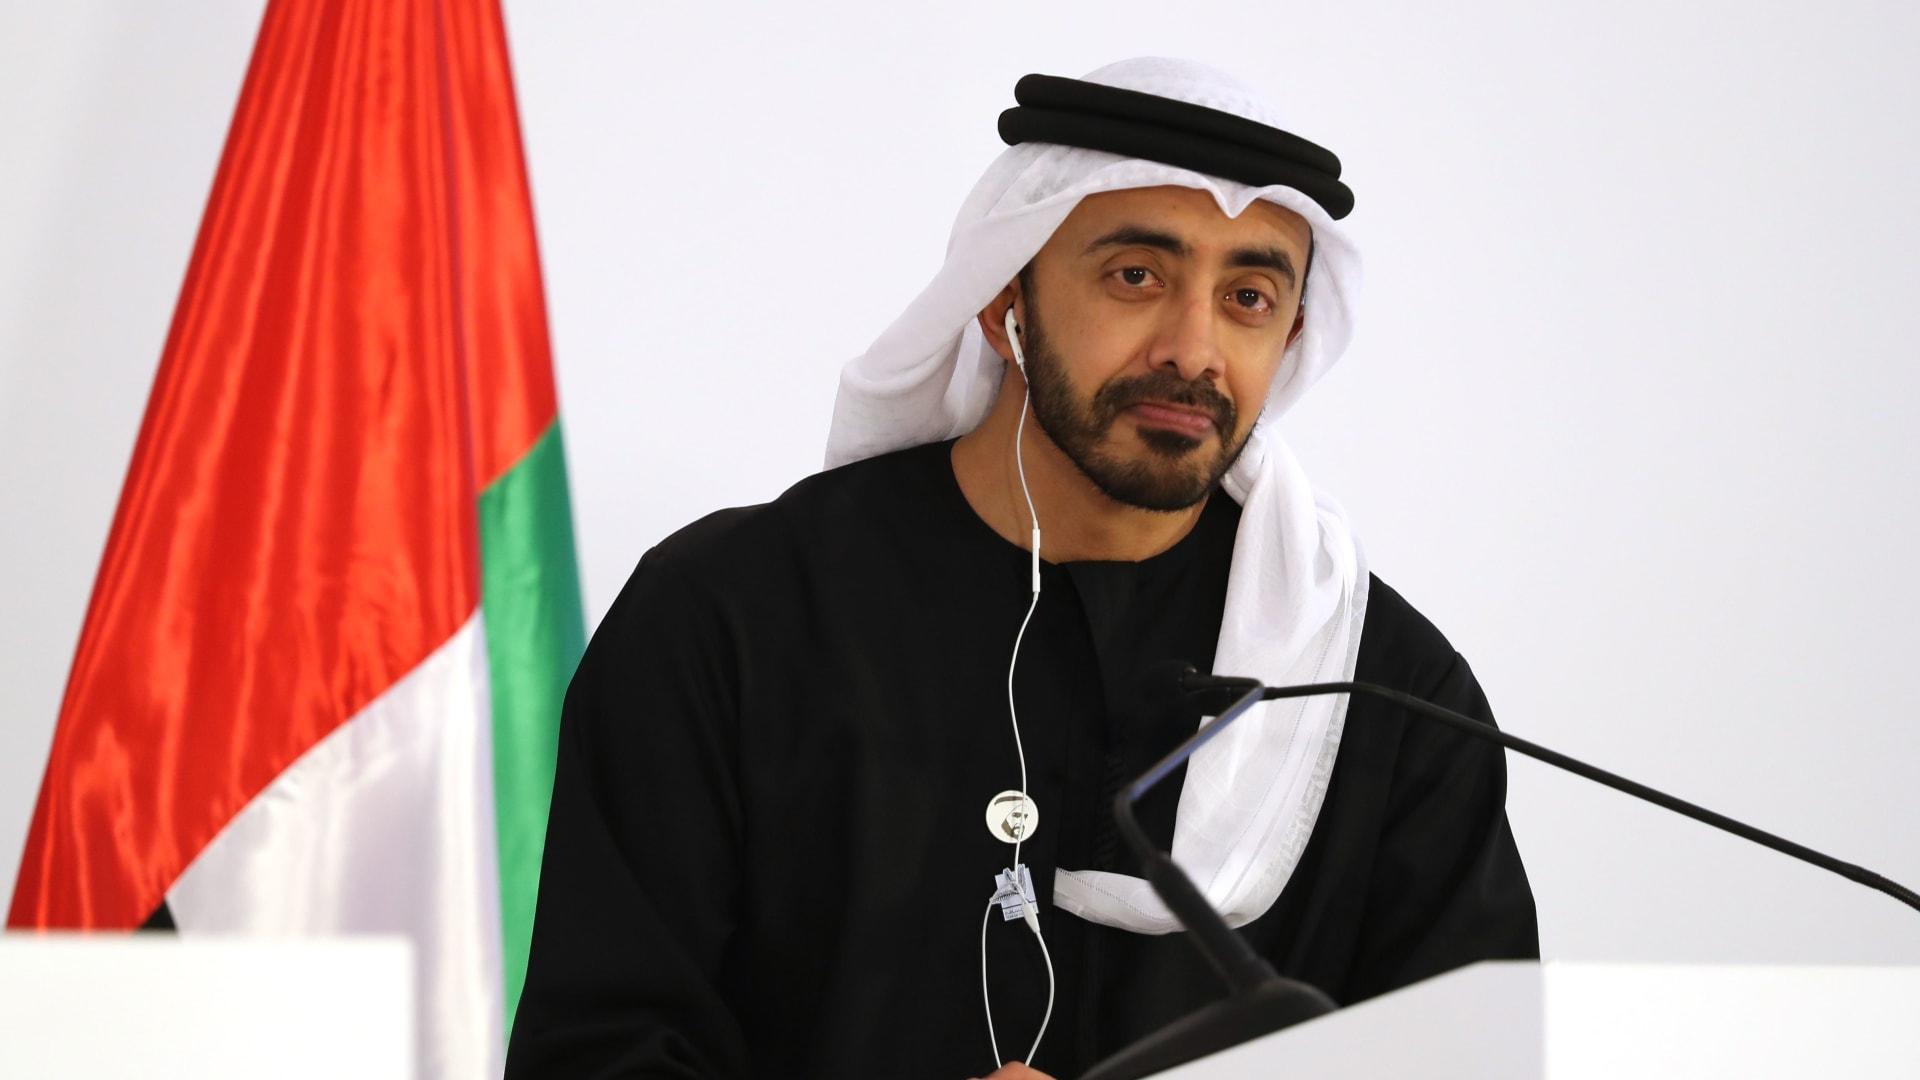 عبدالله بن زايد لـCNN: هكذا تحارب الإمارات التطرّف بالفن